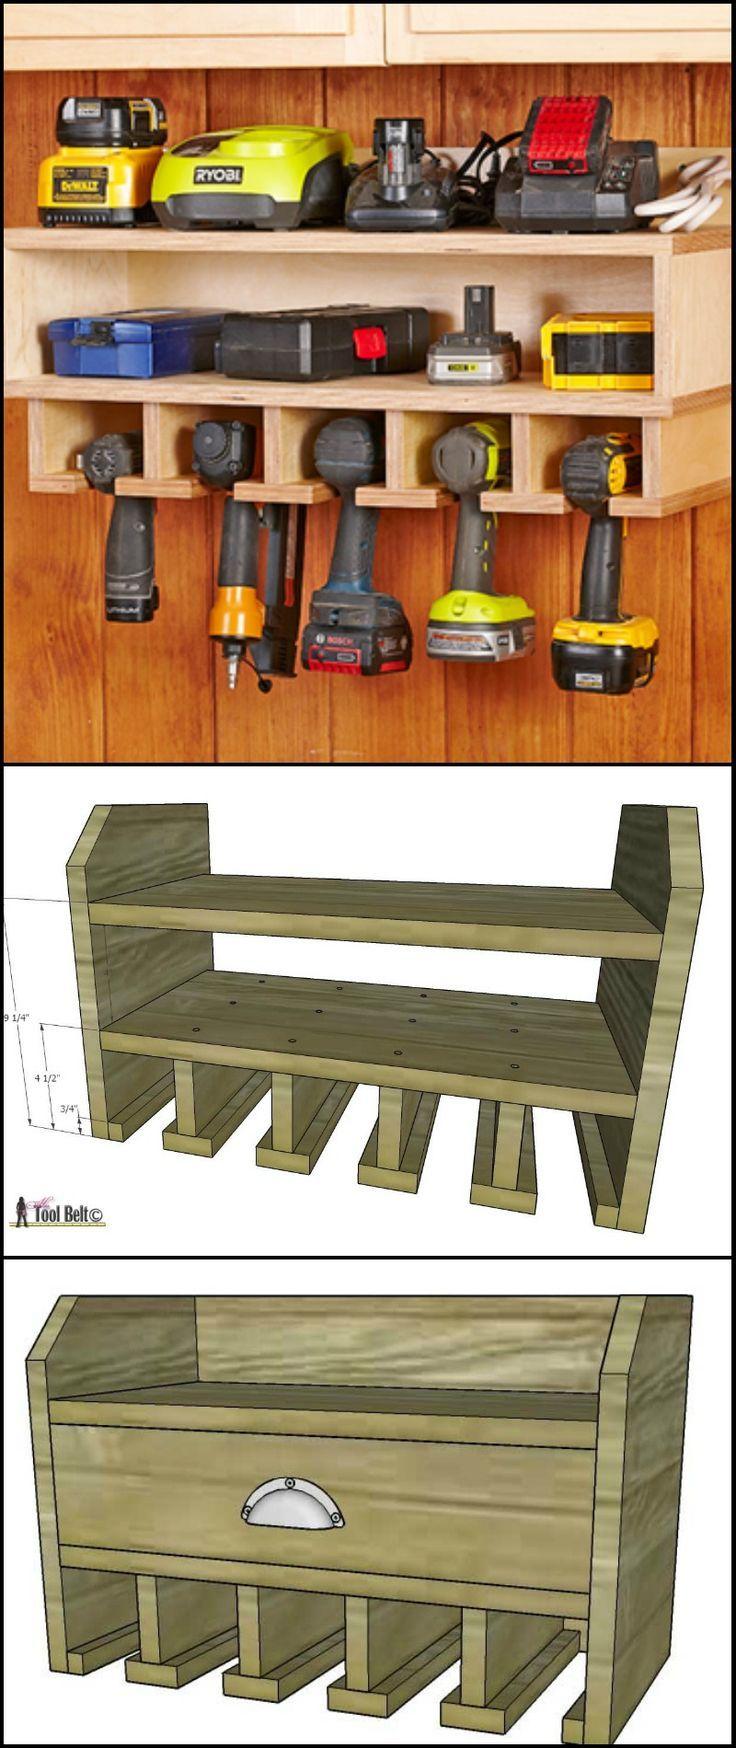 meuble rangement pour outils sans fils